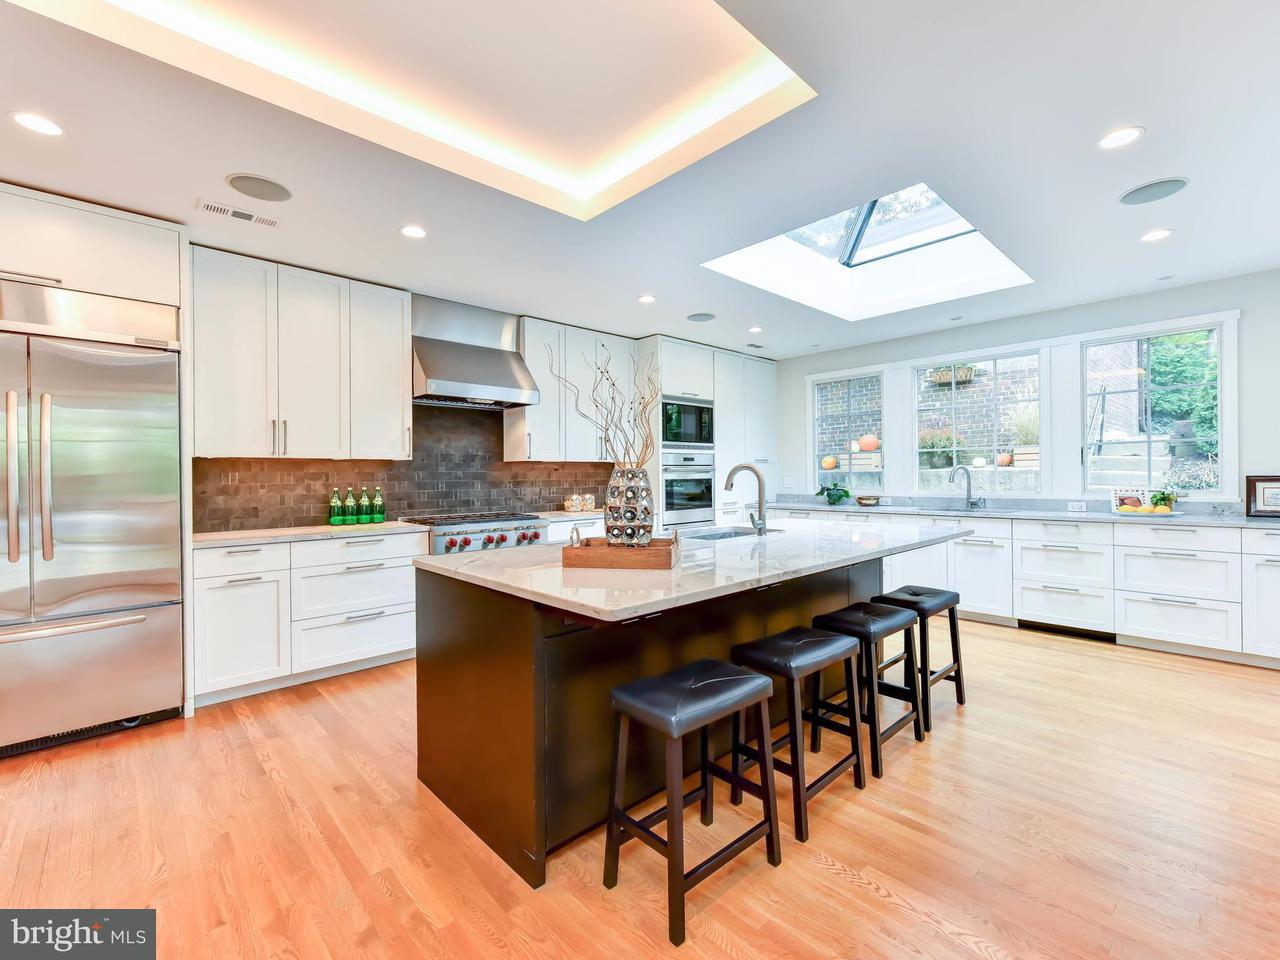 Einfamilienhaus für Verkauf beim 3314 PORTER ST NW 3314 PORTER ST NW Washington, District Of Columbia 20008 Vereinigte Staaten